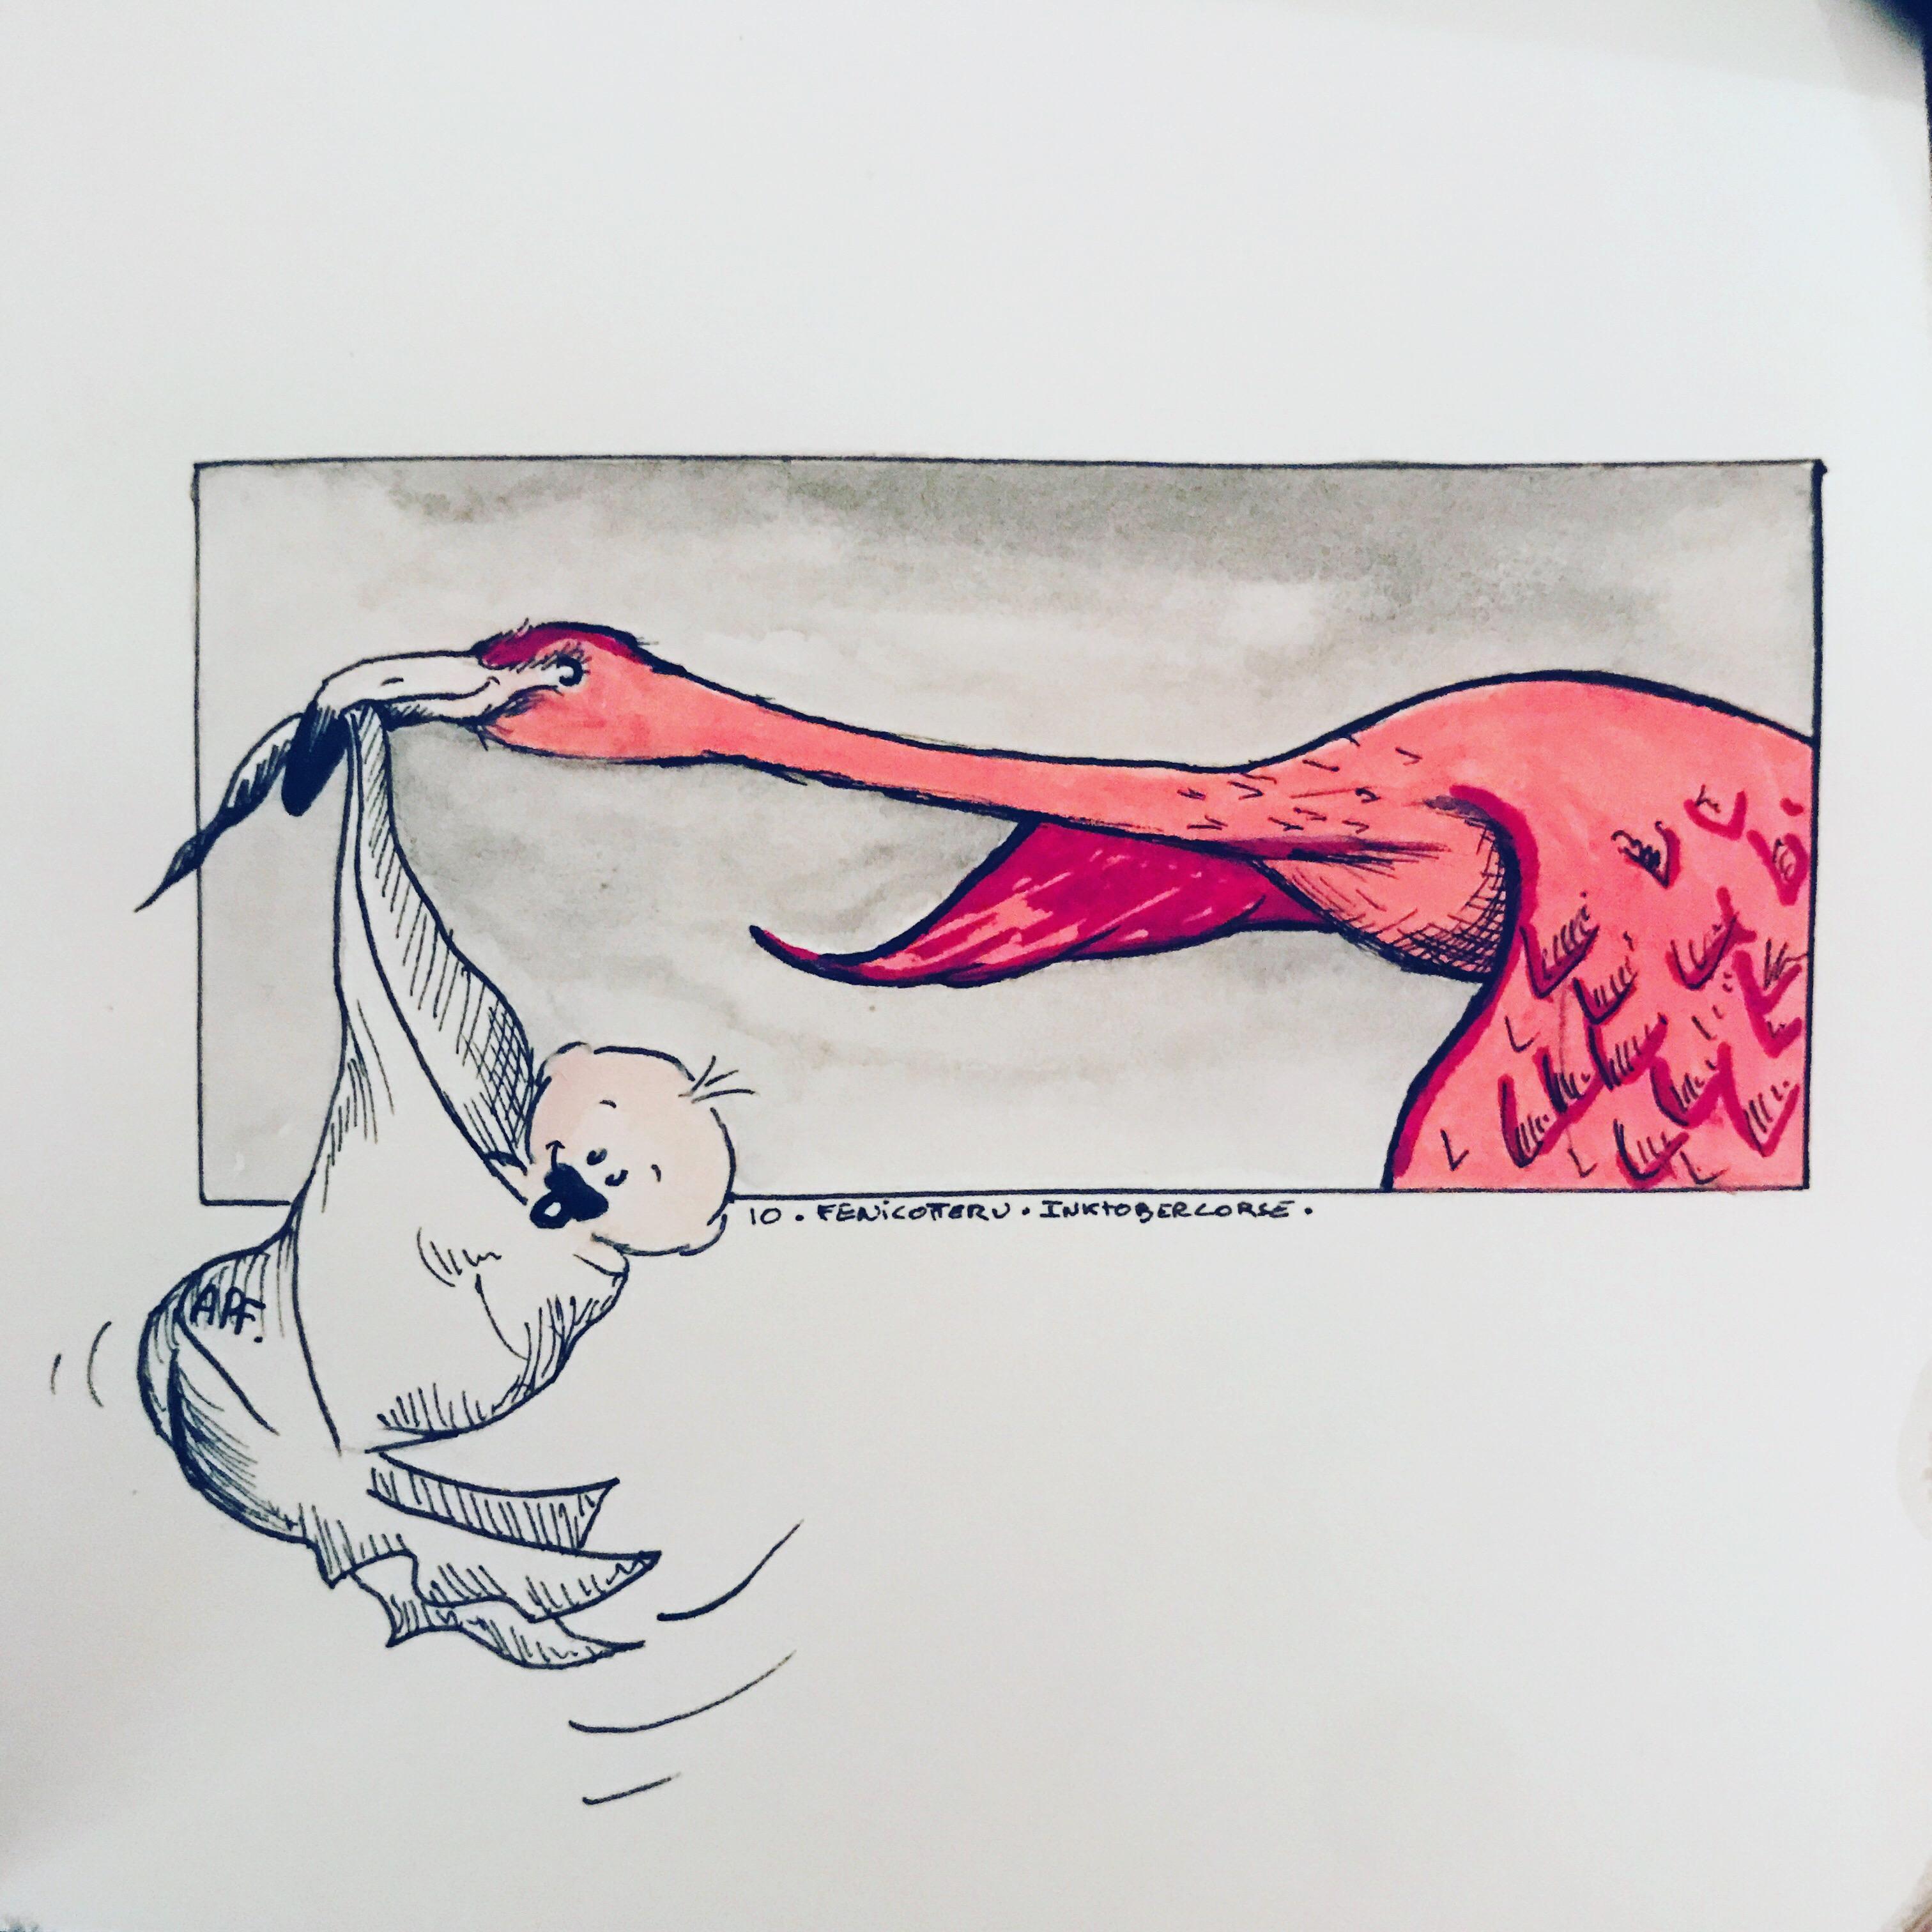 Inchjo'stobre, ghjornu dece : fenicotteru